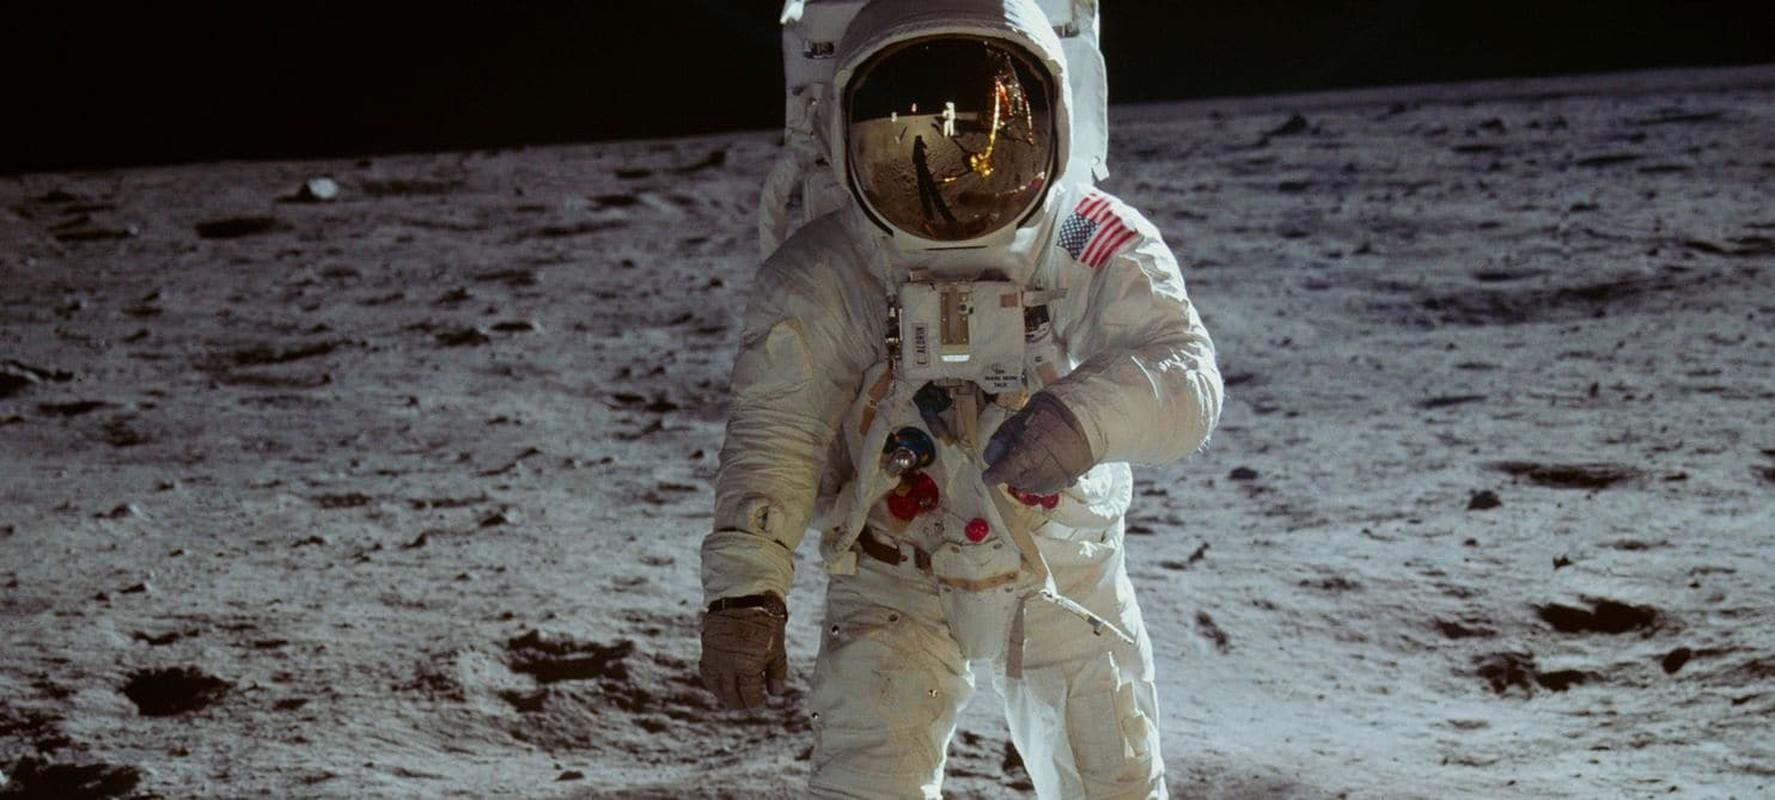 Cuc soc su co suyt can tro su menh len Mat Trang cua Apollo 11-Hinh-5